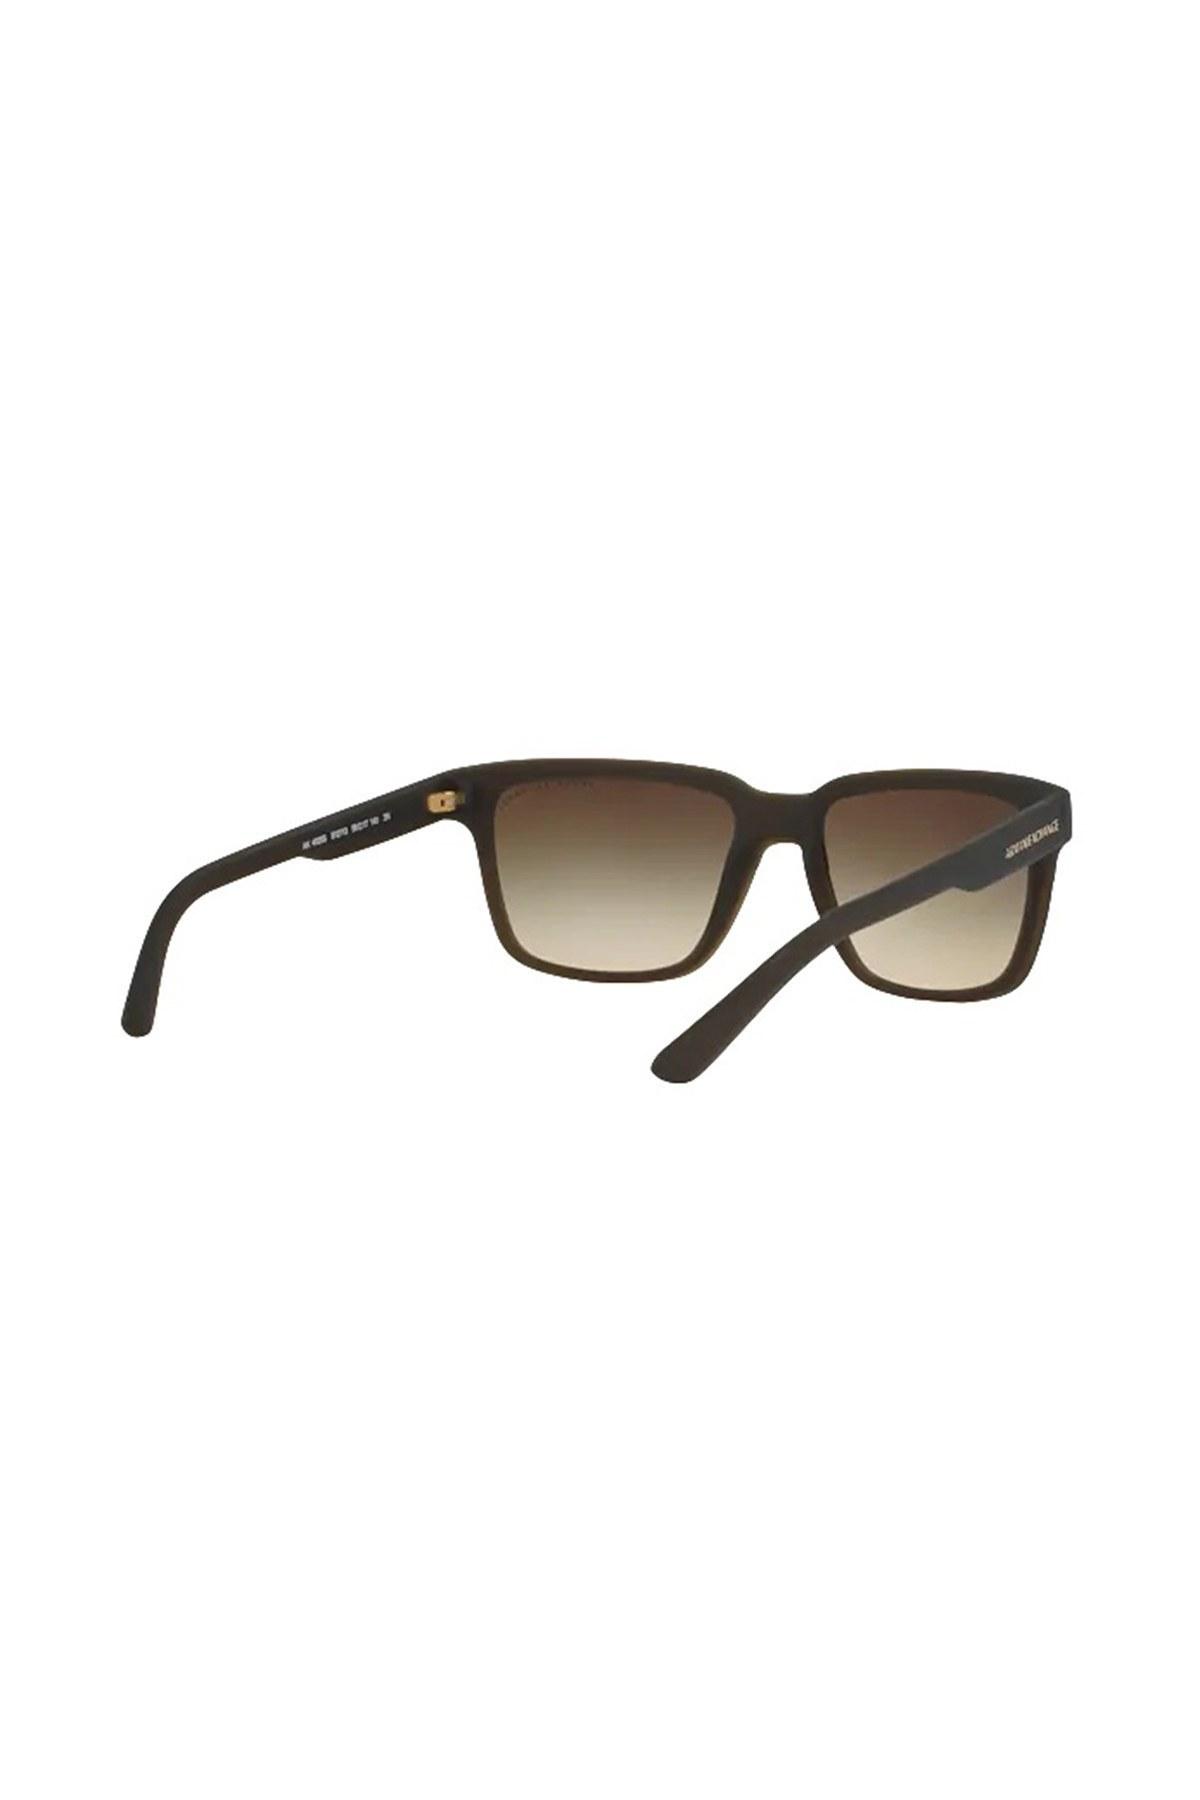 Armani Exchange Erkek Gözlük 0AX4026S 812113 56 KAHVE